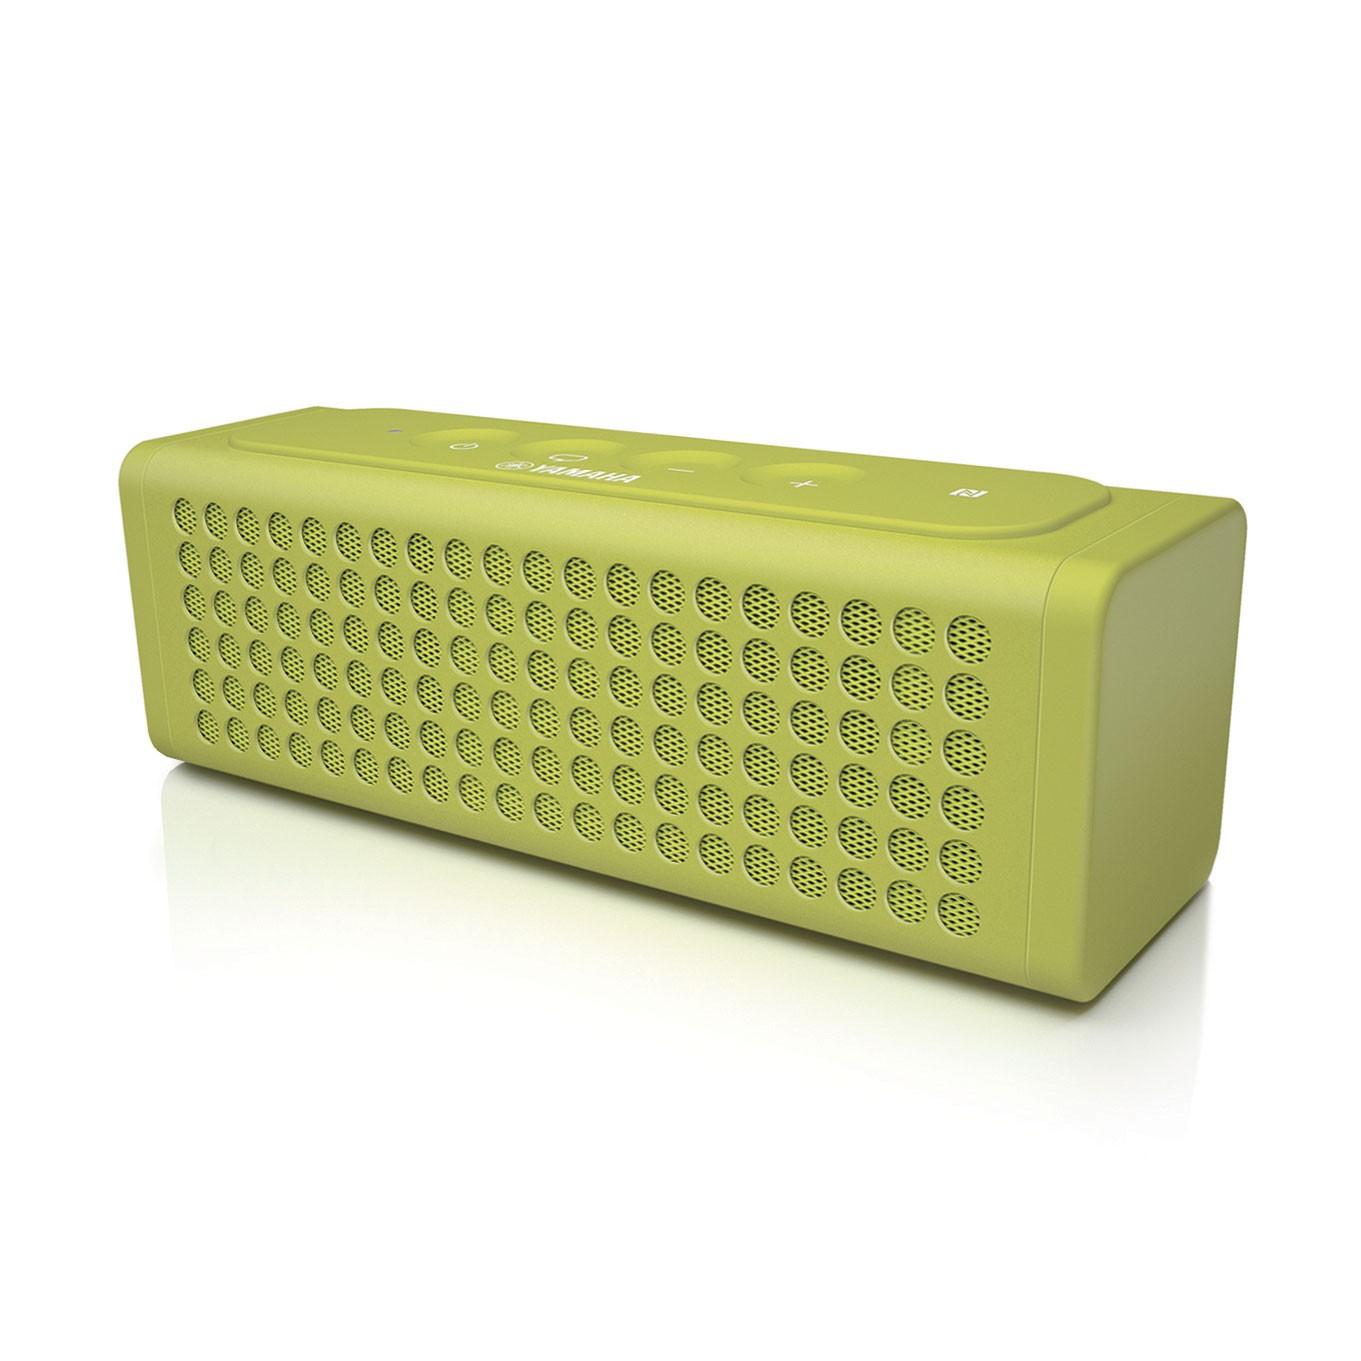 Портативная акустика Yamaha Powered Speaker NX-P100G Light GreenАкустические системы<br>Модель NX-P100 выступает в роли вашего компаньона по музыке &amp;mdash; и даже больше. Аккумулятор обеспечивает непрерывную работу в течение восьми часов. Устройство может даже поддержать жизнь самой музыки: если в смартфоне сядет аккумулятор, NX-P100 можно использовать для его подзарядки (по USB).<br> <br>Прилагаемый микрофон с поддержкой стандарта HD Voice позволяет разговаривать по телефону с более высоким качеством звука без использования трубки. А если на мобильном устройстве под управлением iOS у вас установлена &amp;laquo;персональный ассистент&amp;raquo; — программа Siri,...<br><br>Акустическое излучение: монополярная<br>Состав комплекта: портативное аудио<br>Количество полос: 2<br>Мощность, Вт: 2 Вт